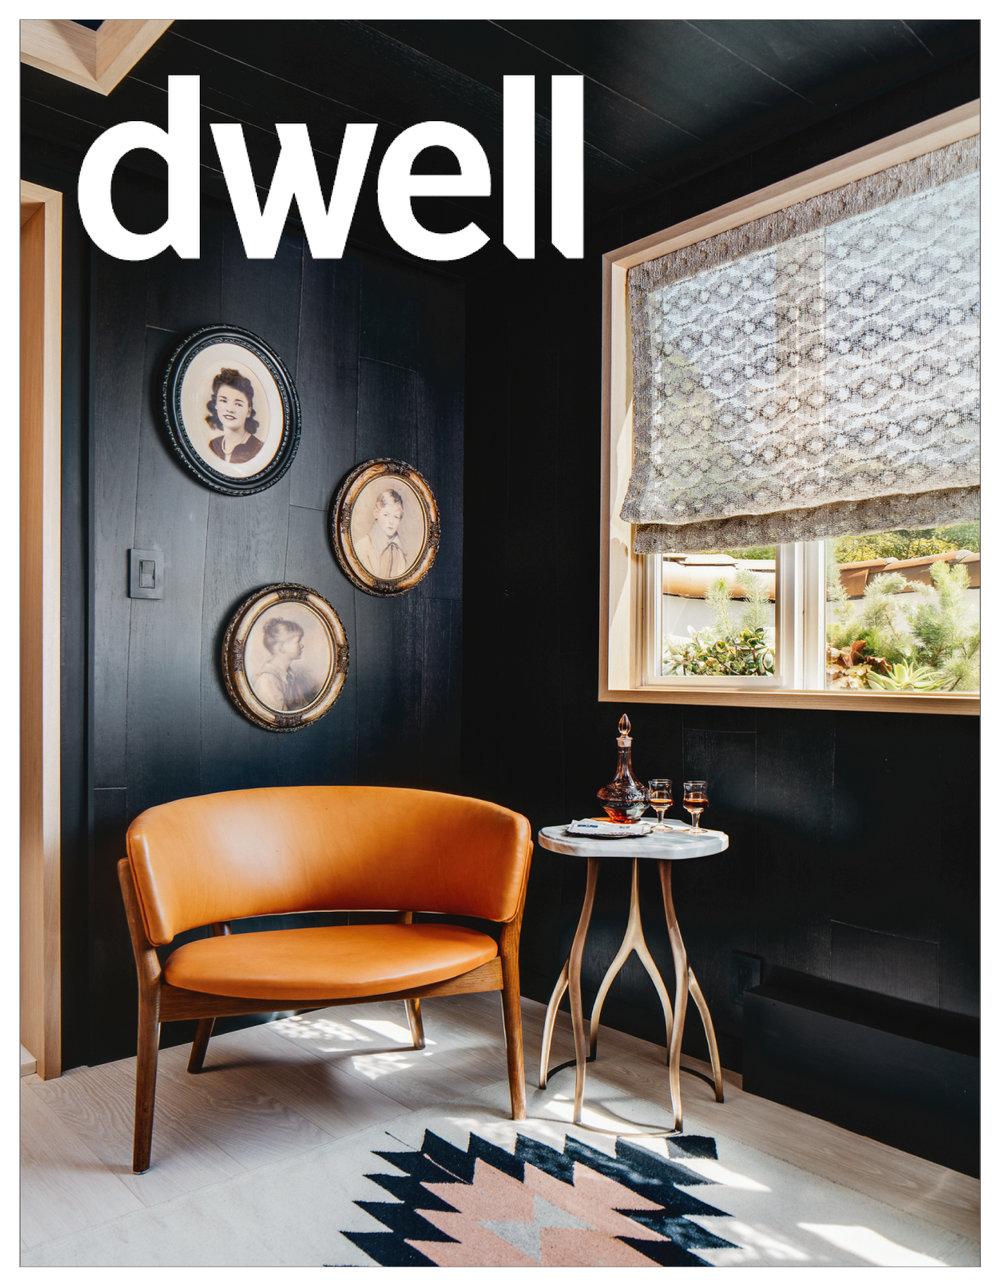 Dwell_8.5x11_OPT2 B.jpg